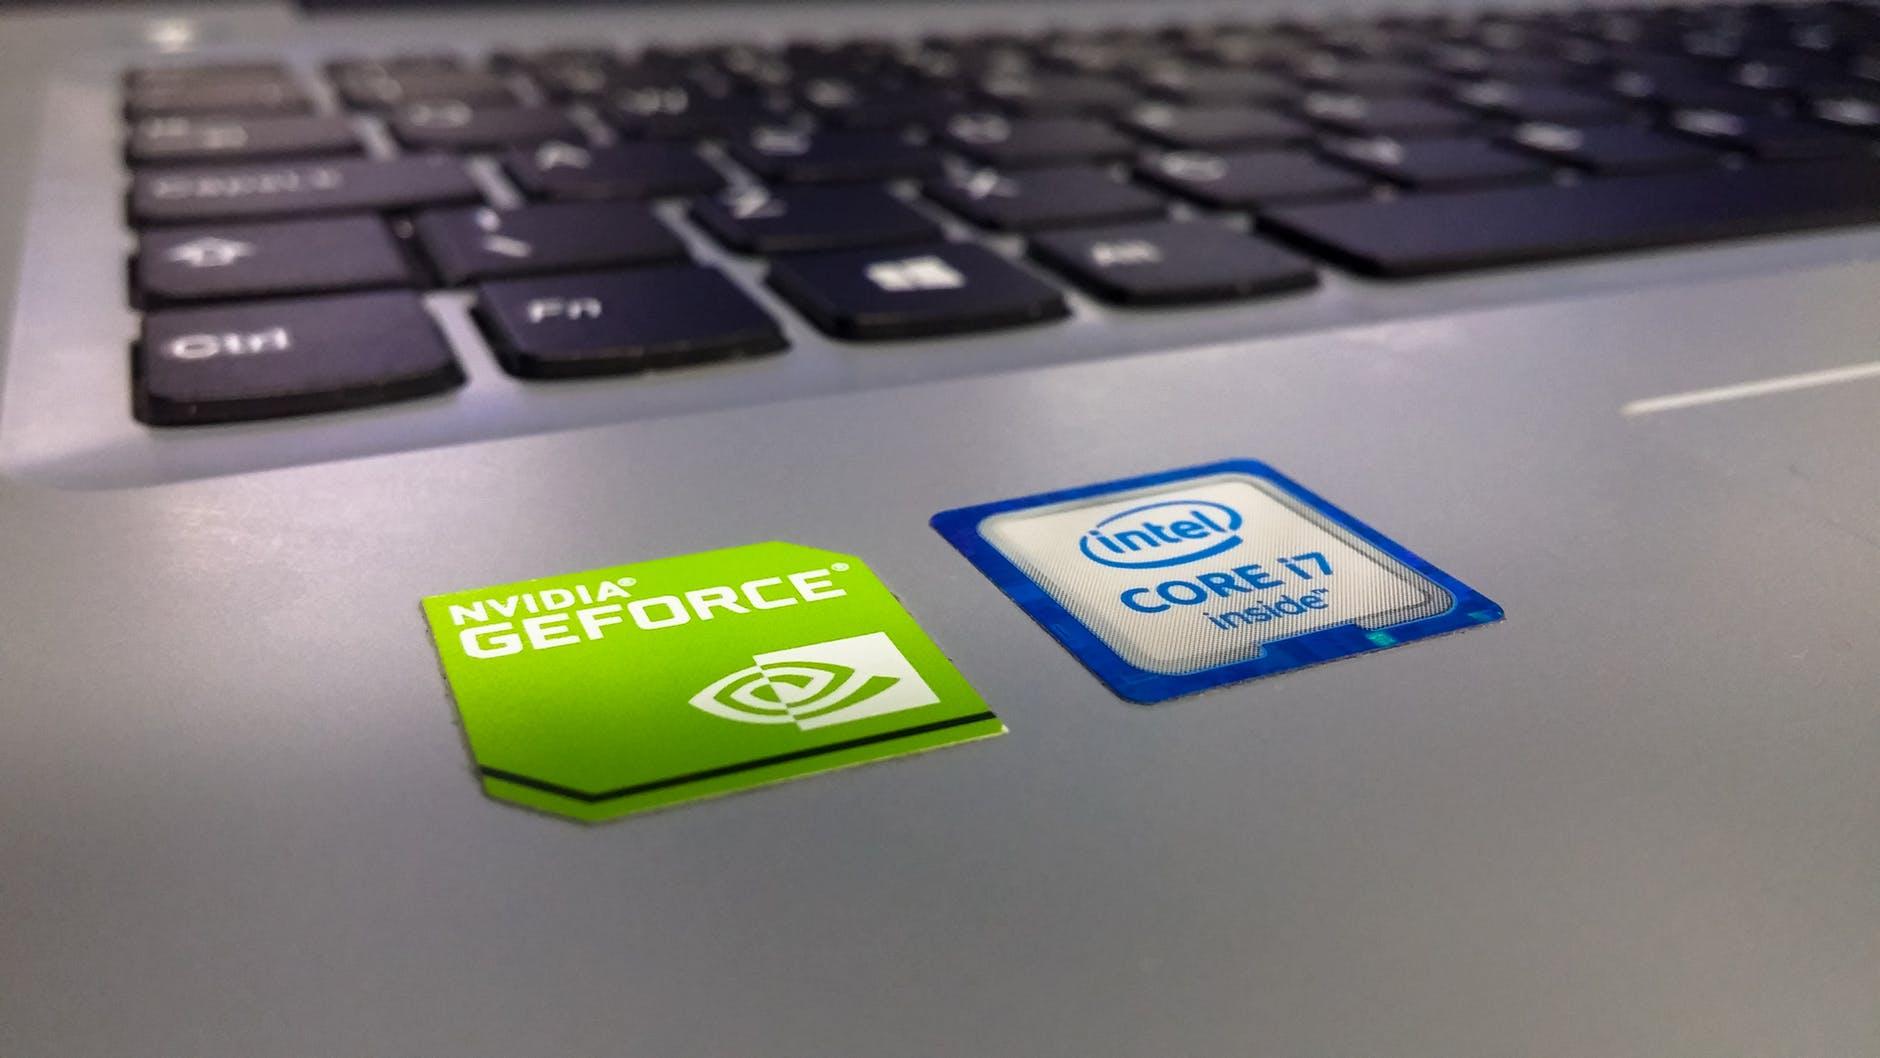 mejores procesadores para gaming